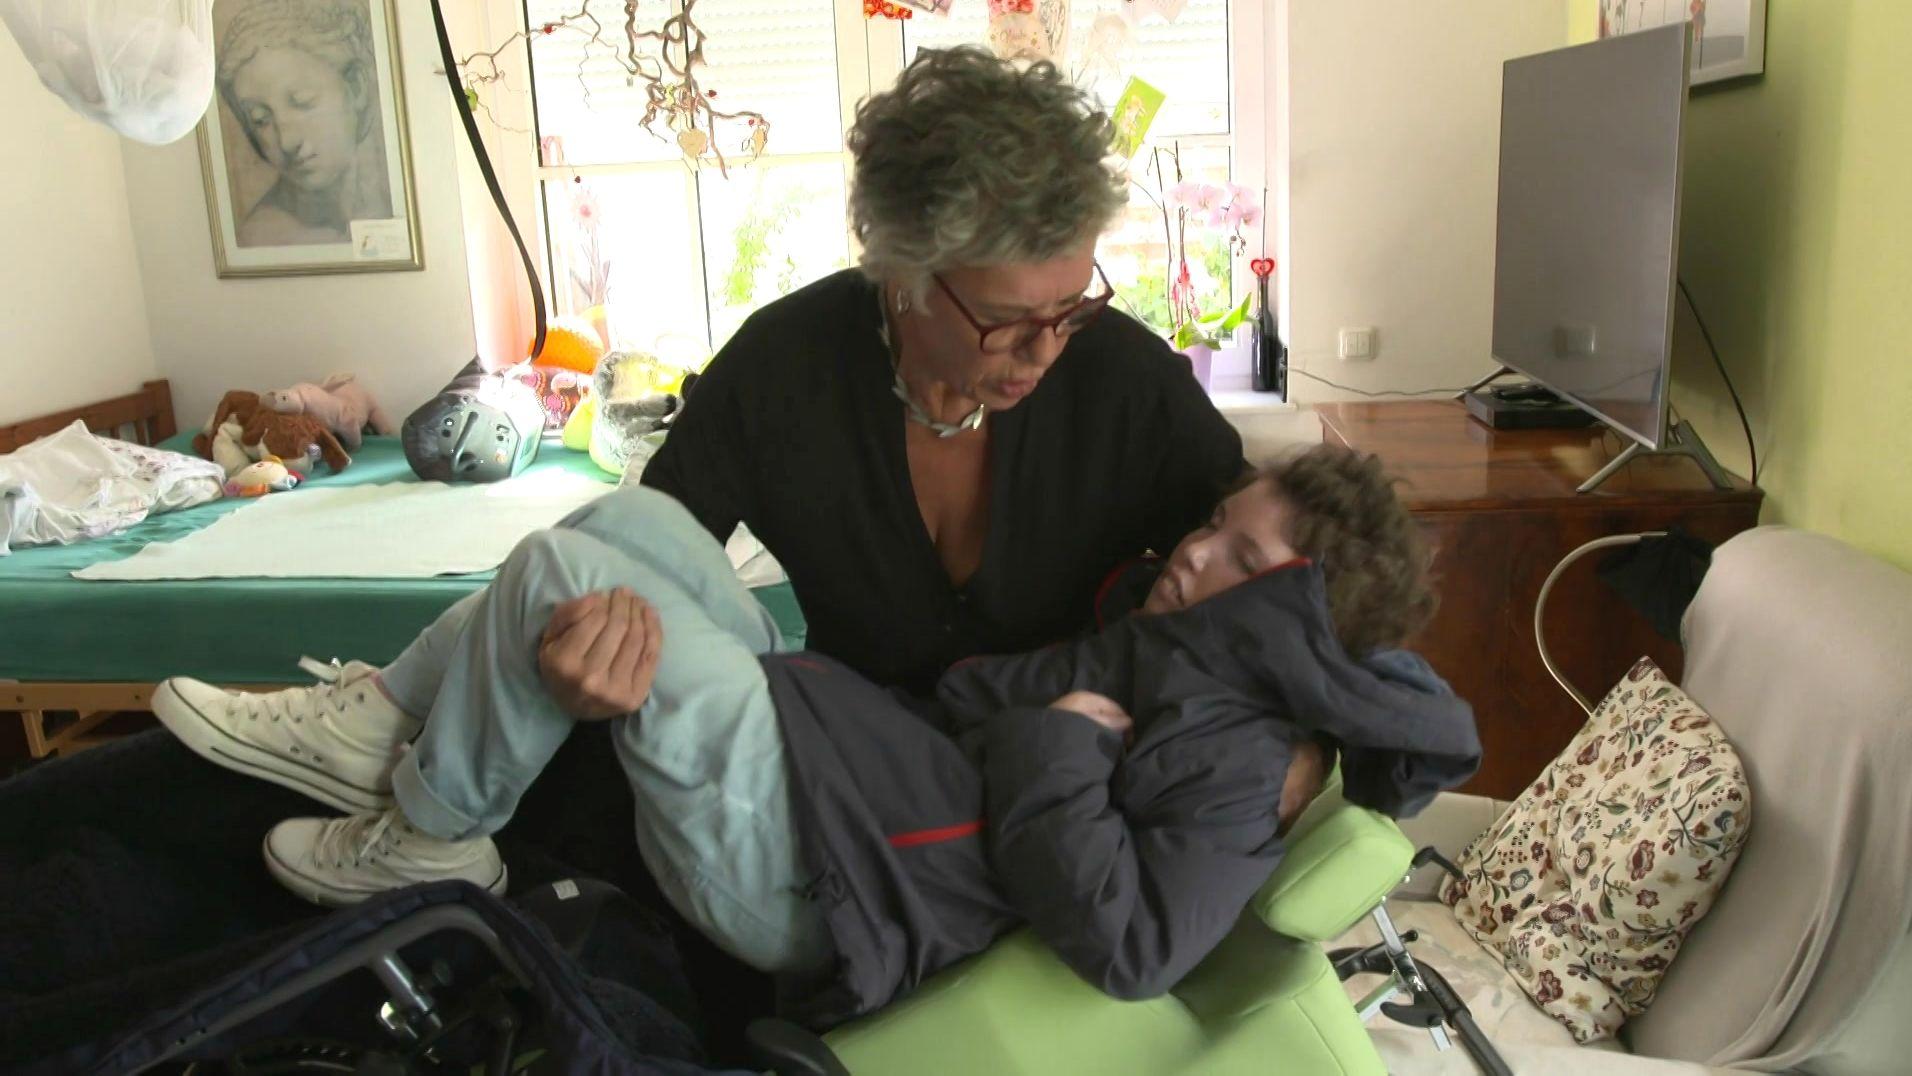 Sonjas Mutter pflegt ihre Tochter rund um die Uhr daheim.